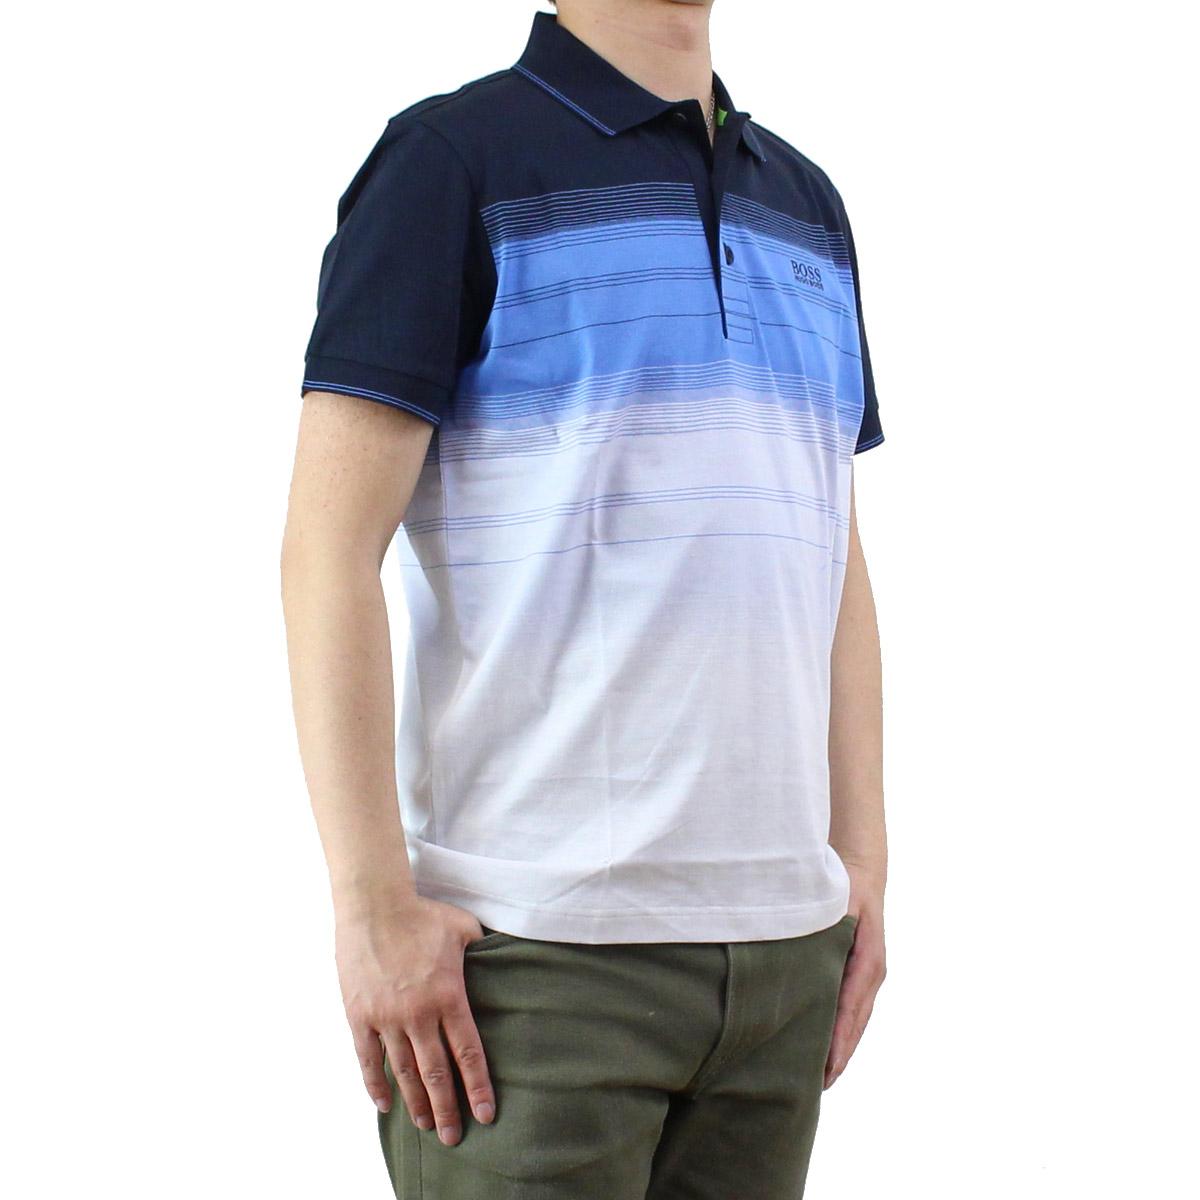 ヒューゴ ボス HUGO BOSS PADDY 3 メンズ ポロシャツ 50330997 10196211 410 マルチカラー メンズ 半袖【キャッシュレス 5% 還元】